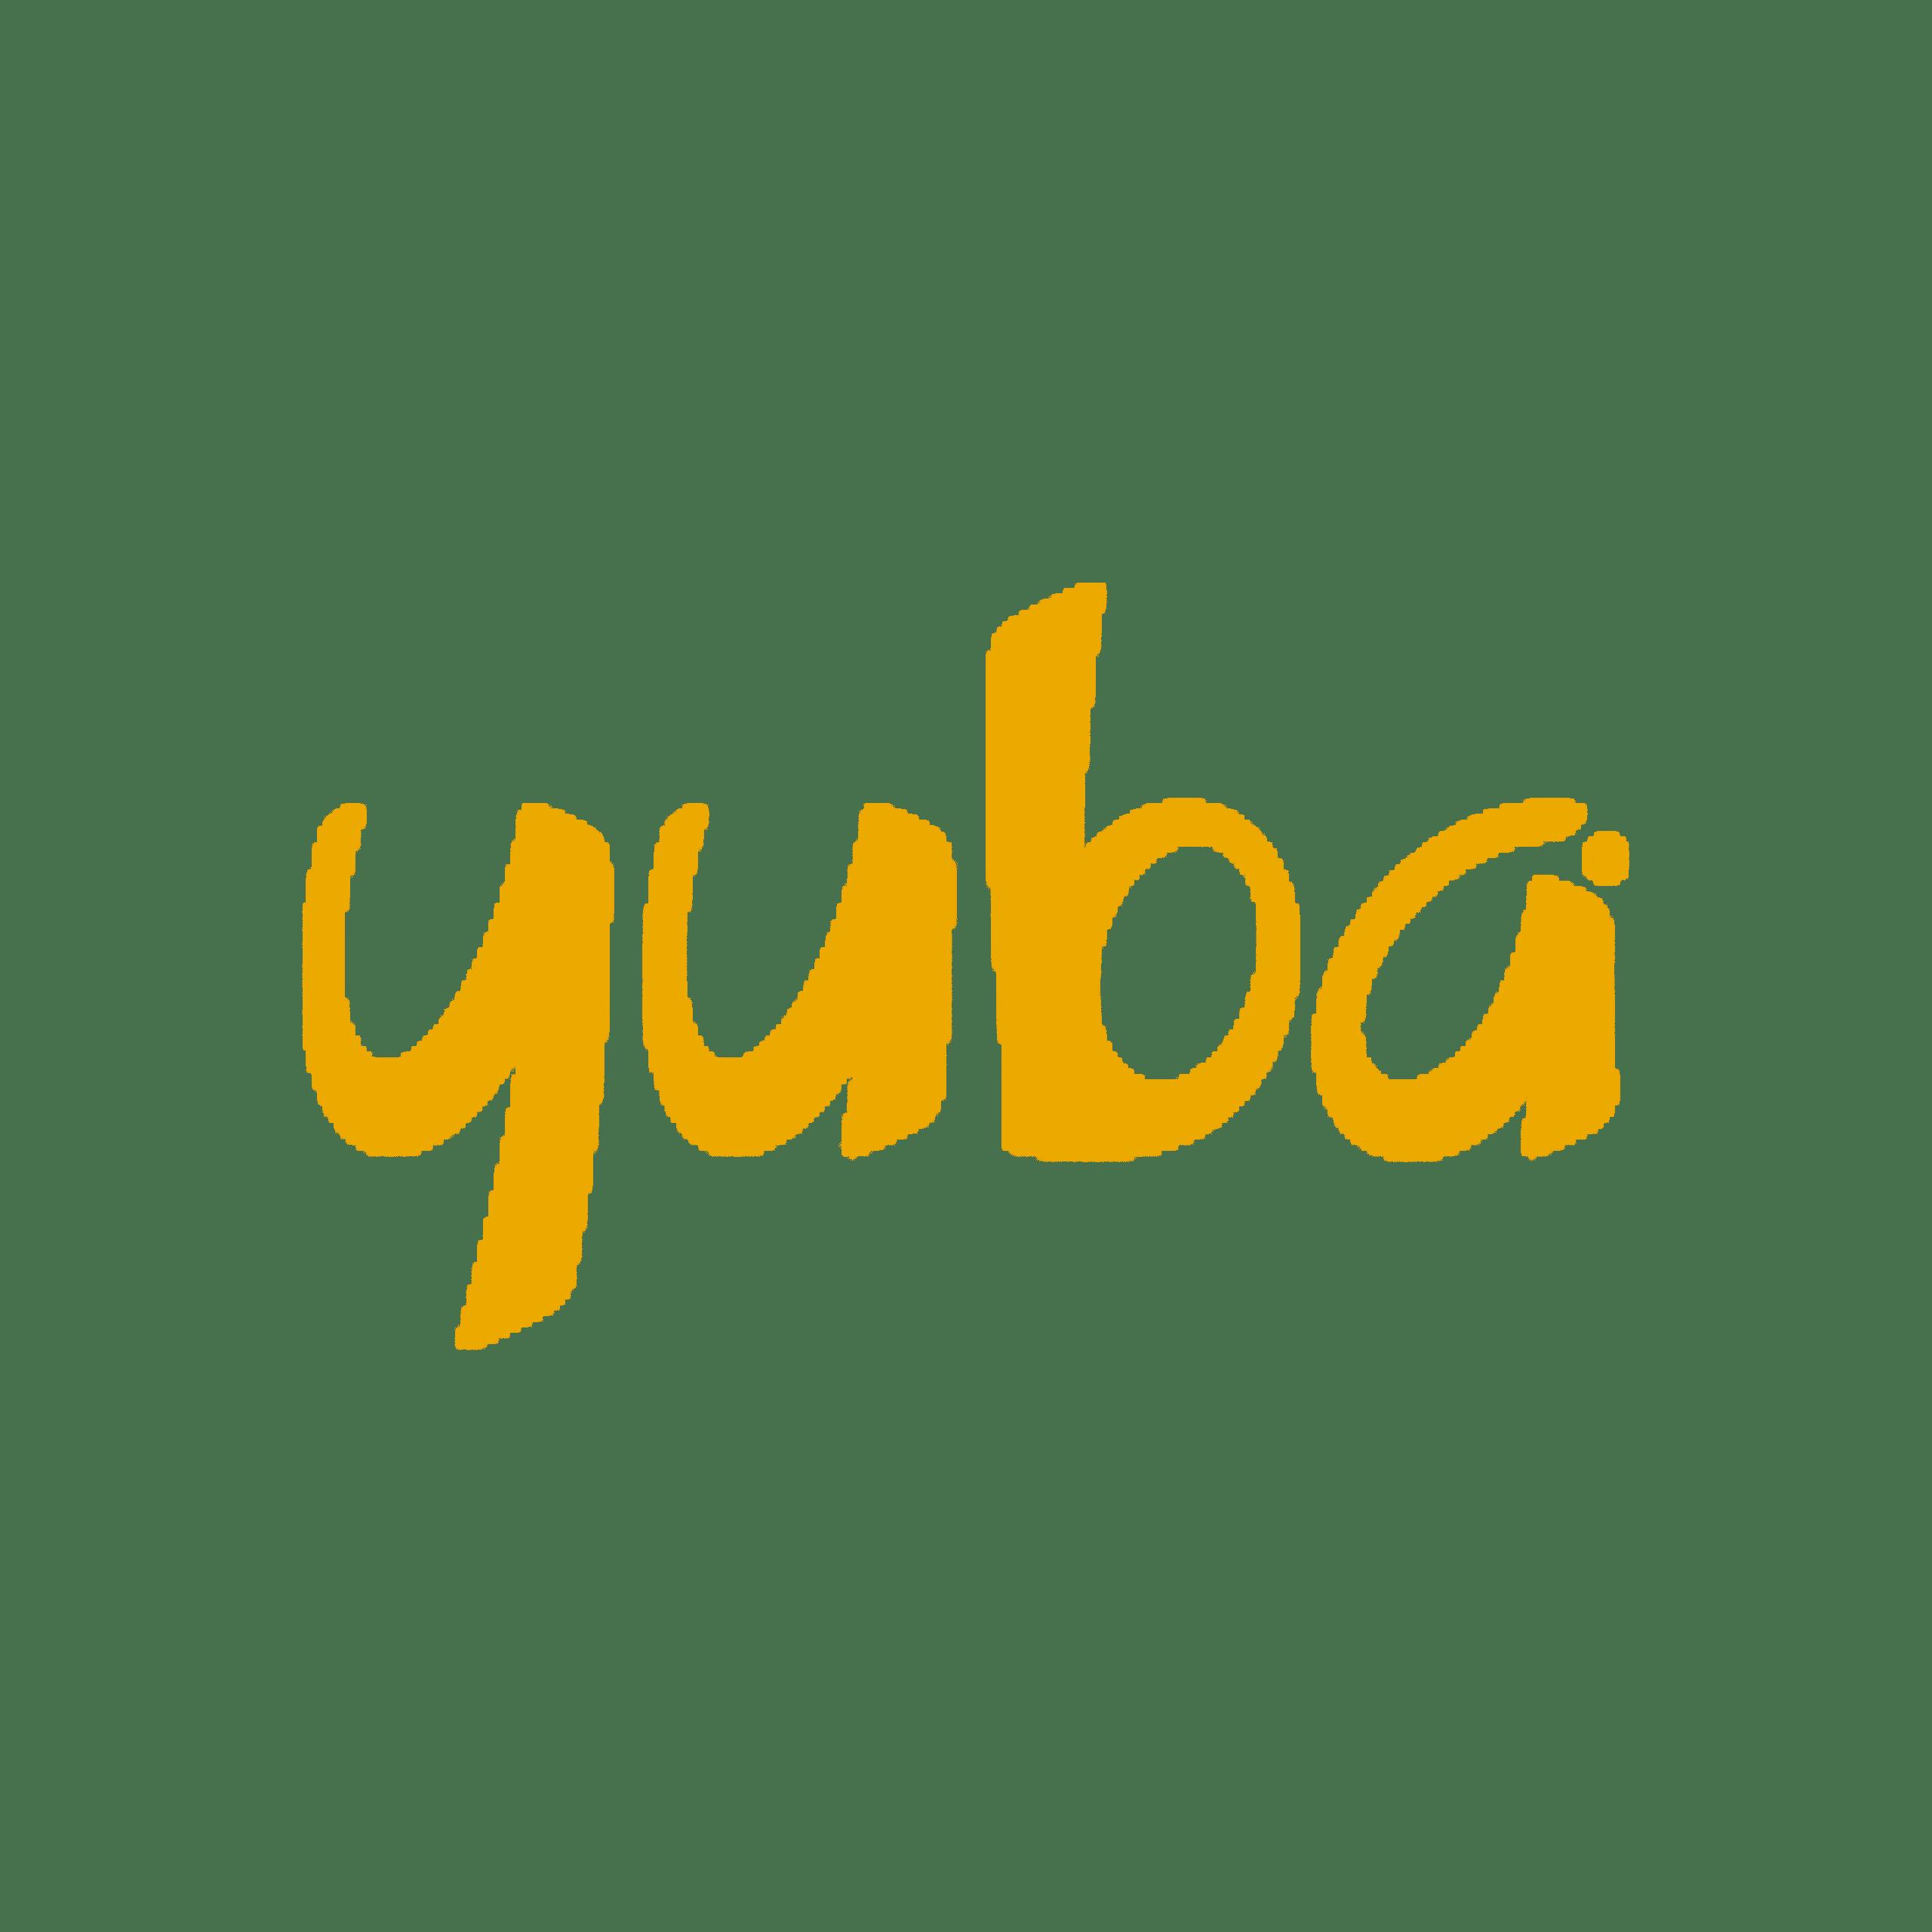 Yuba png